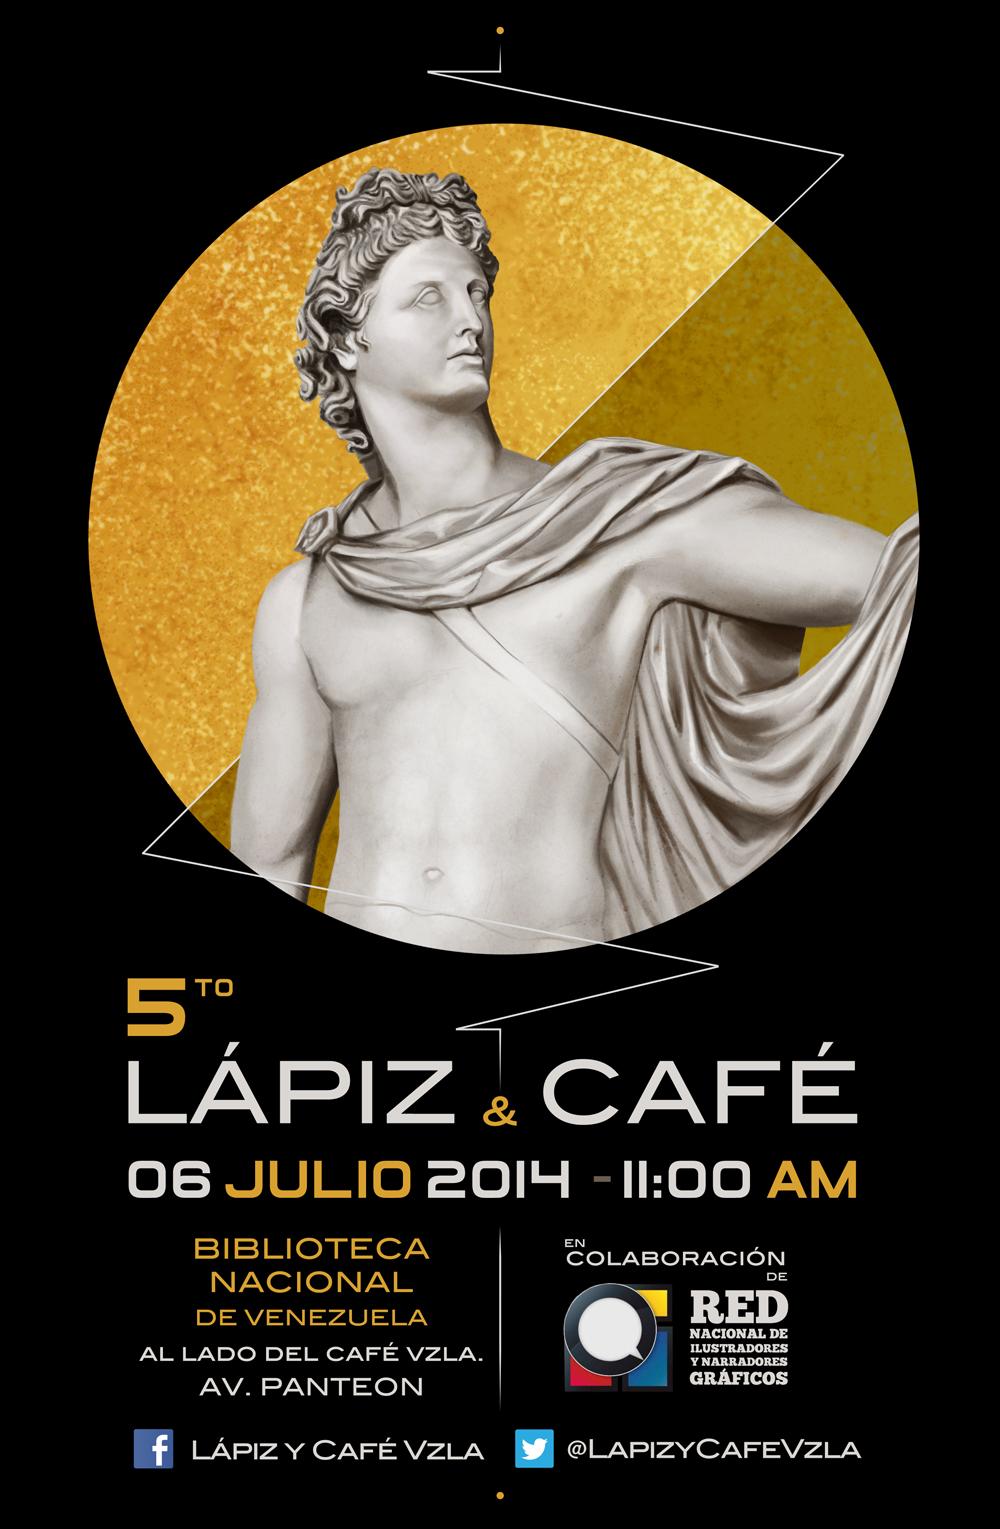 5to Lápiz y Café Venezuela - Julio 2014